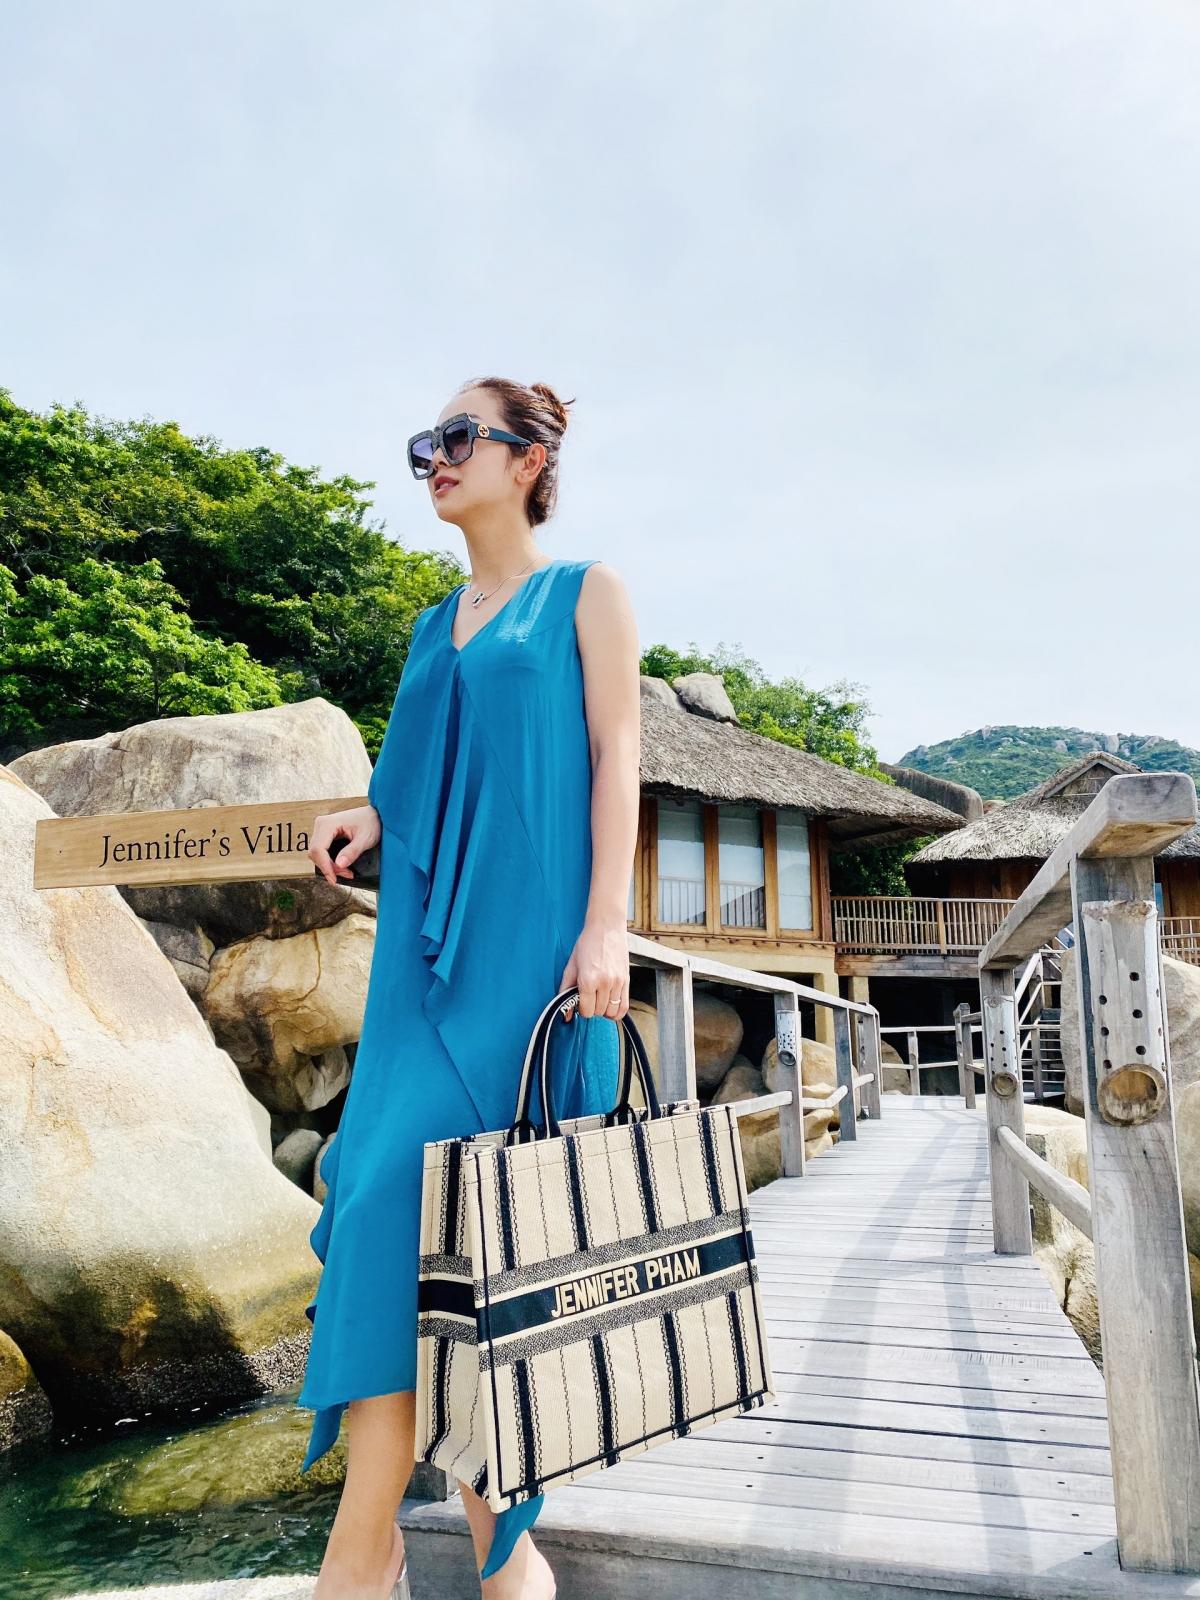 Jennifer Phạm mê đắm cảnh sắc thiên nhiên nơi đây. Cô xách theo tote bag hàng hiệu thêu tên mình.